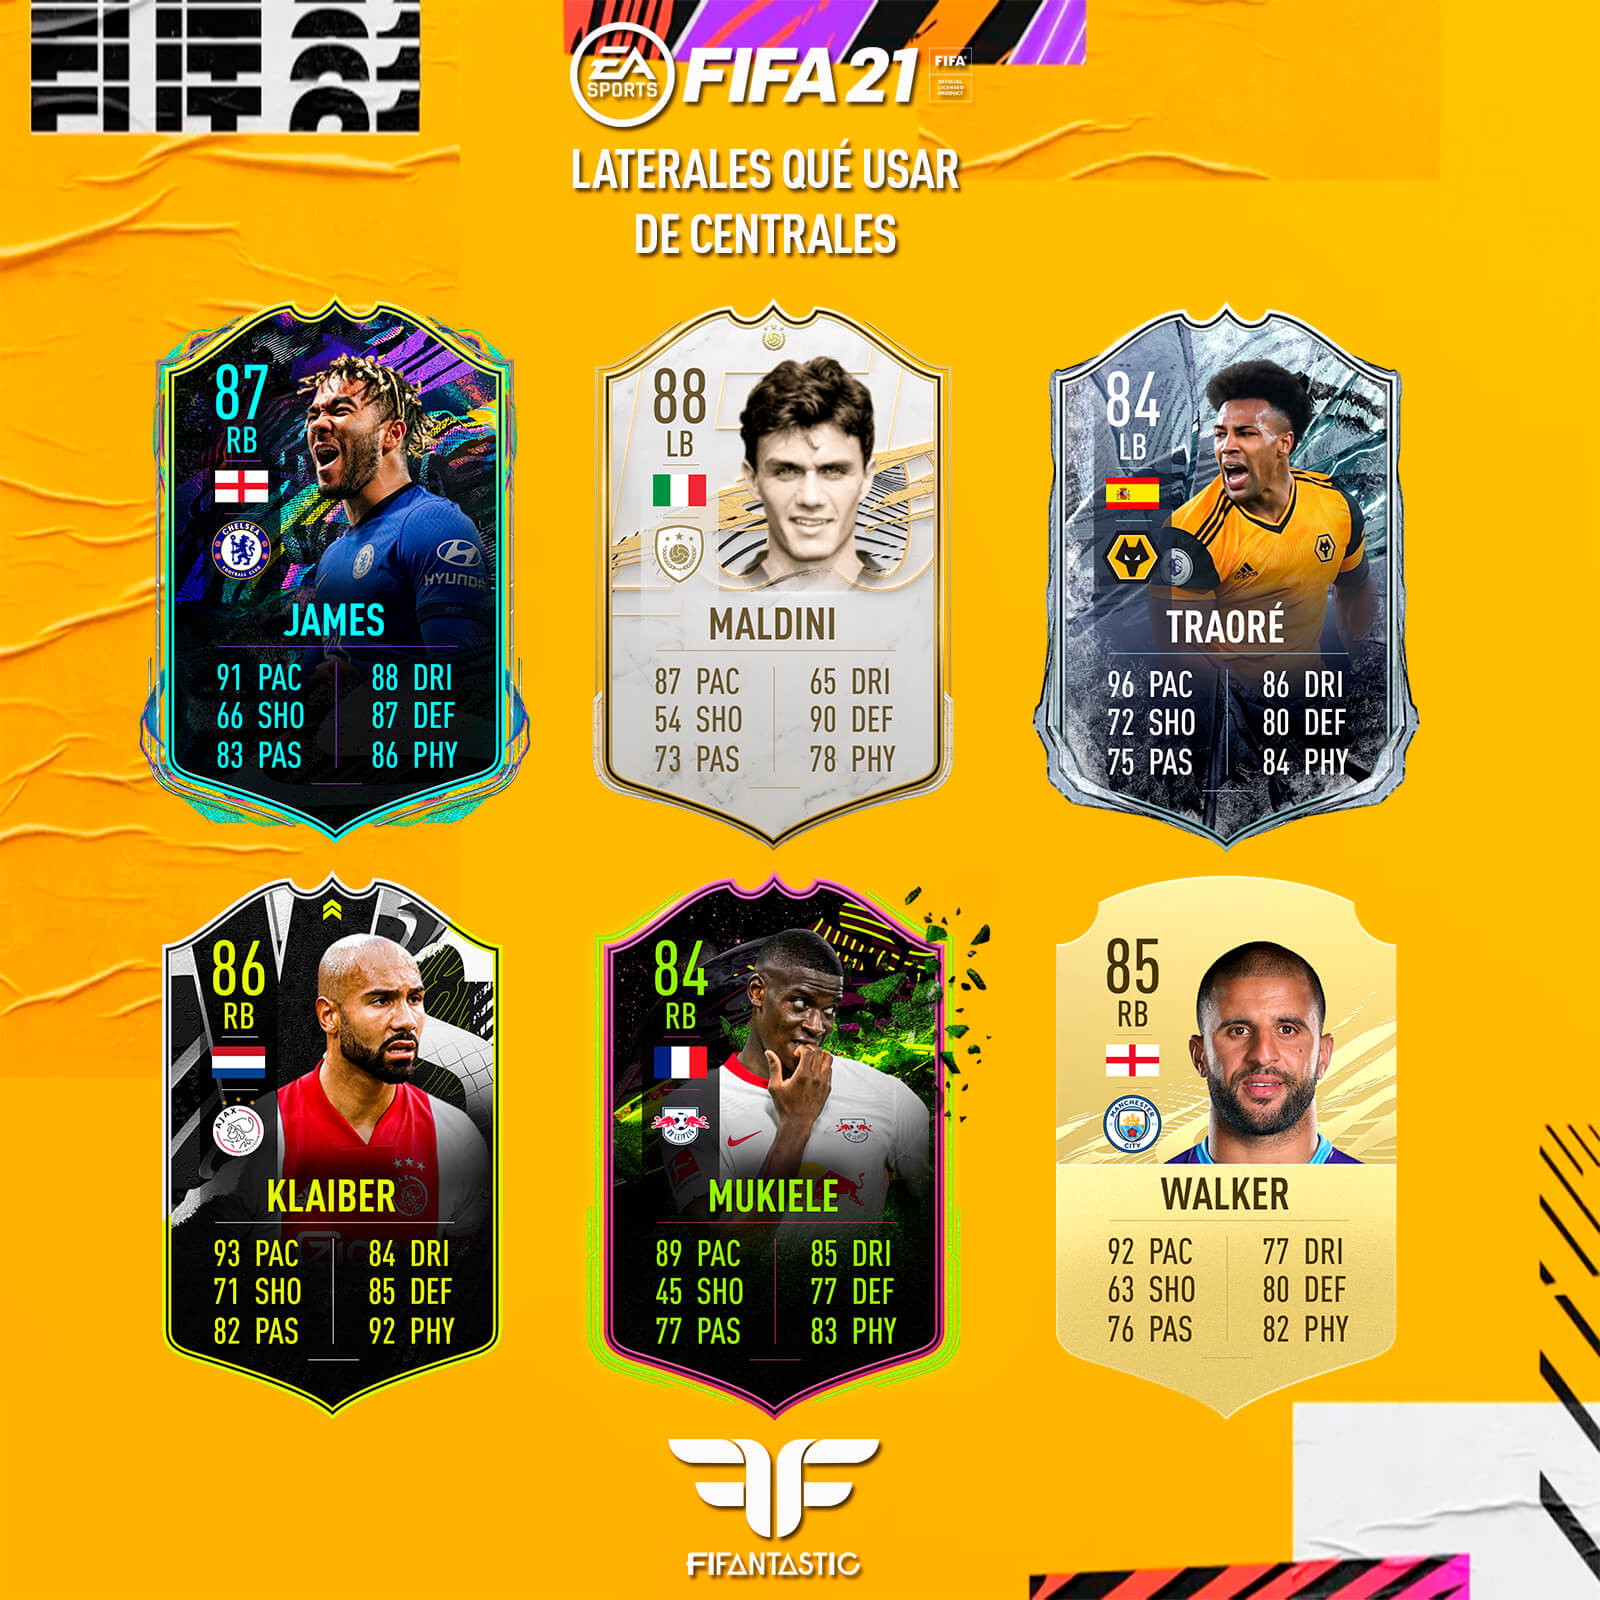 Laterales para utilizar como central en FIFA 21 Ultimate Team